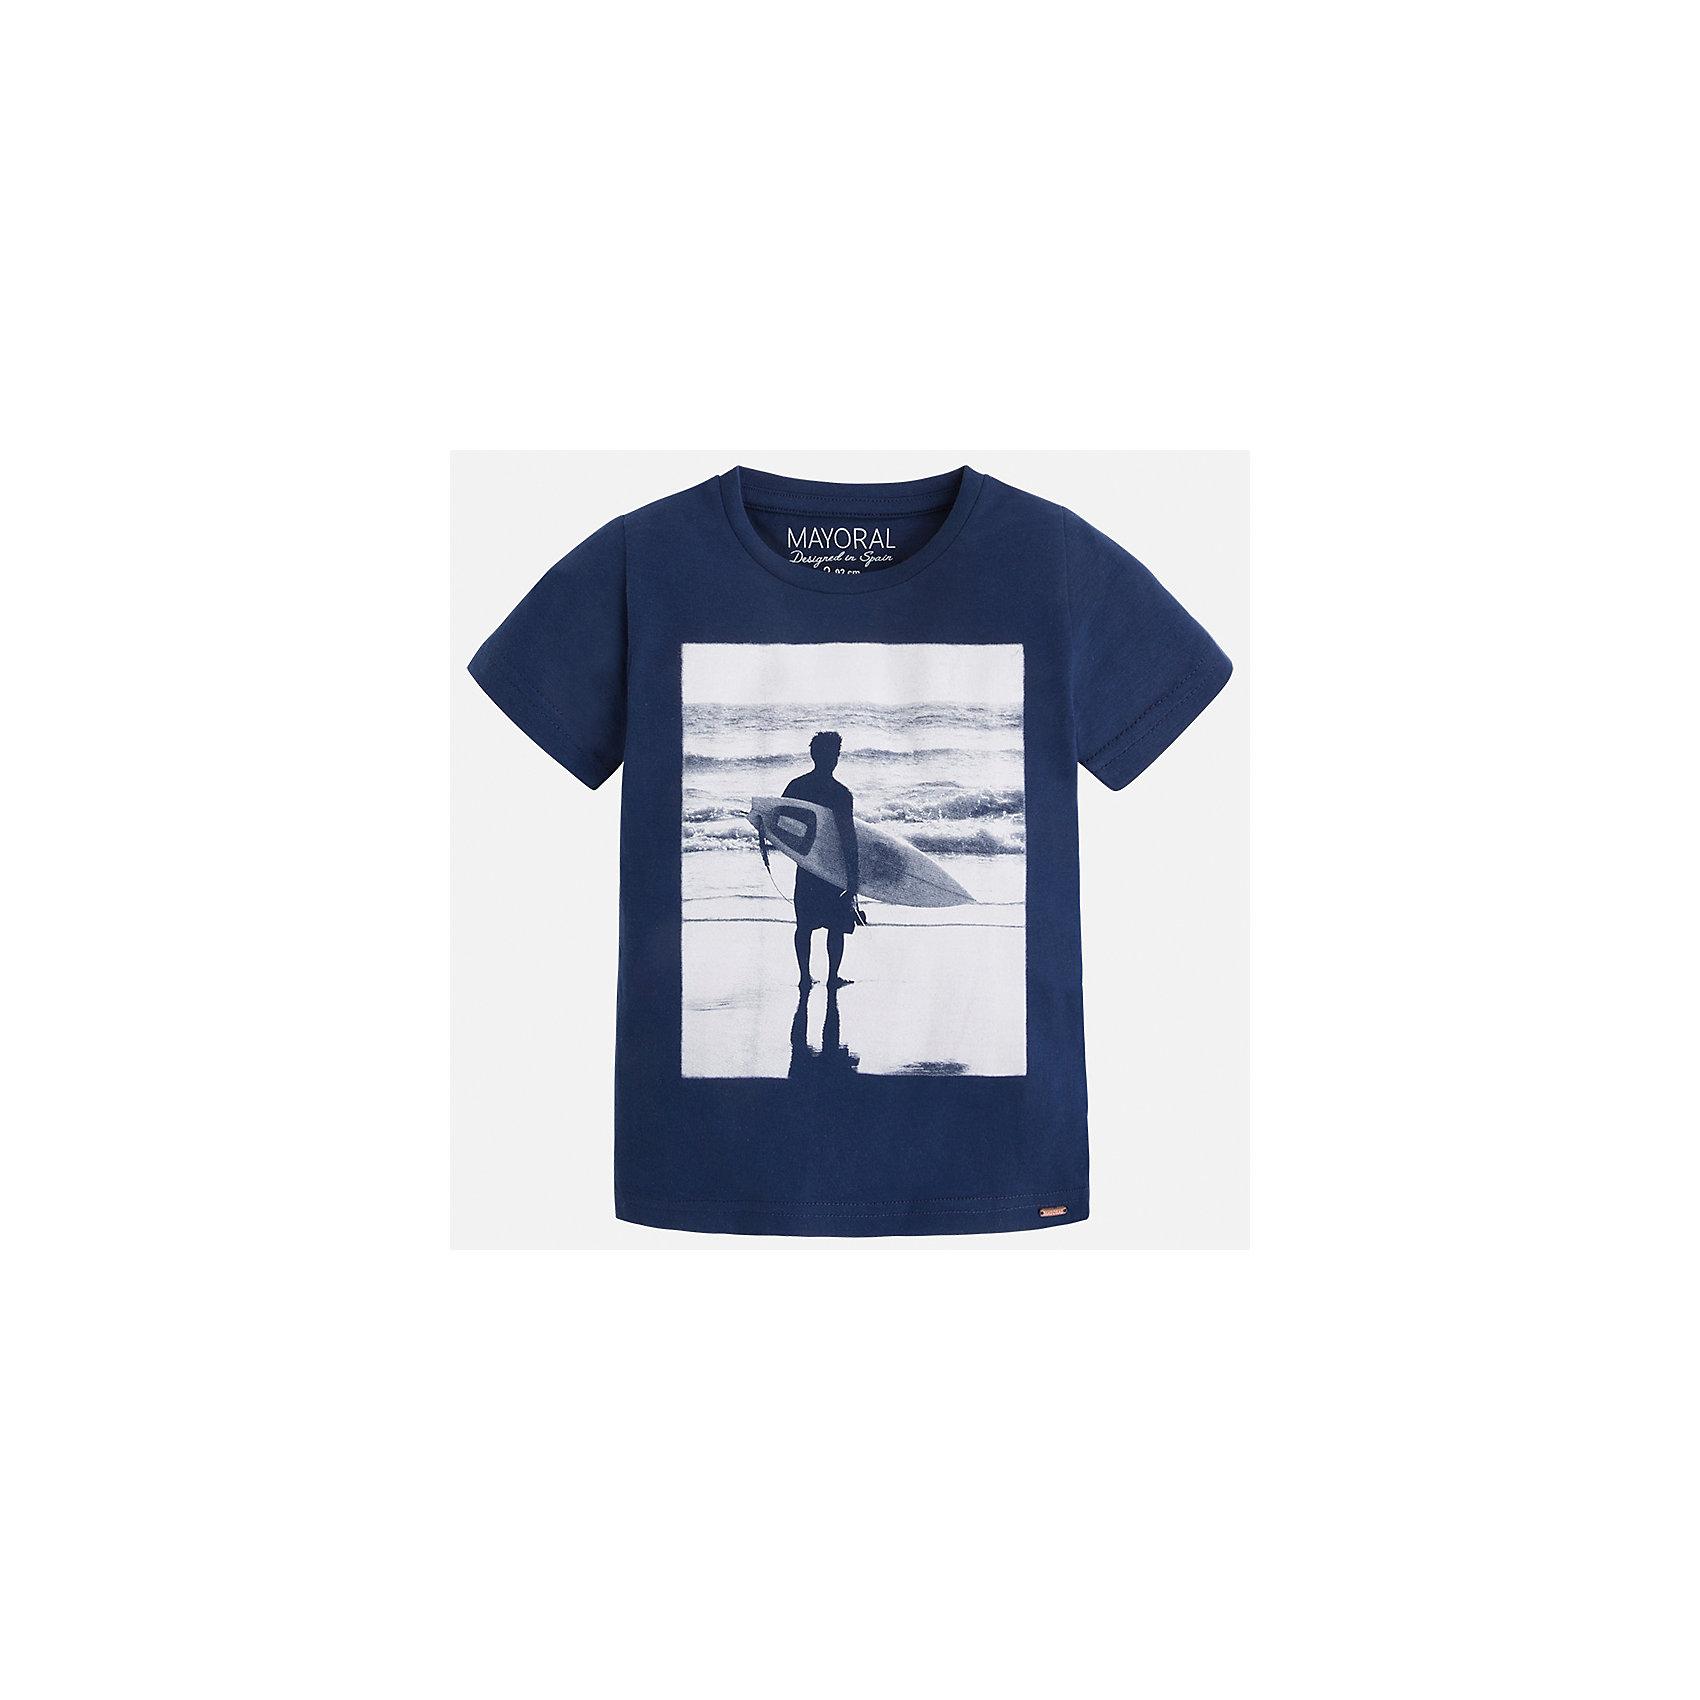 Футболка для мальчика MayoralФутболки, поло и топы<br>Характеристики товара:<br><br>• цвет: синий<br>• состав: 100% хлопок<br>• круглый горловой вырез<br>• декорирована принтом<br>• короткие рукава<br>• отделка горловины<br>• страна бренда: Испания<br><br>Стильная удобная футболка с принтом поможет разнообразить гардероб мальчика. Она отлично сочетается с брюками, шортами, джинсами. Универсальный крой и цвет позволяет подобрать к вещи низ разных расцветок. Практичное и стильное изделие! Хорошо смотрится и комфортно сидит на детях. В составе материала - только натуральный хлопок, гипоаллергенный, приятный на ощупь, дышащий. <br><br>Одежда, обувь и аксессуары от испанского бренда Mayoral полюбились детям и взрослым по всему миру. Модели этой марки - стильные и удобные. Для их производства используются только безопасные, качественные материалы и фурнитура. Порадуйте ребенка модными и красивыми вещами от Mayoral! <br><br>Футболку для мальчика от испанского бренда Mayoral (Майорал) можно купить в нашем интернет-магазине.<br><br>Ширина мм: 199<br>Глубина мм: 10<br>Высота мм: 161<br>Вес г: 151<br>Цвет: синий<br>Возраст от месяцев: 18<br>Возраст до месяцев: 24<br>Пол: Мужской<br>Возраст: Детский<br>Размер: 92,134,128,122,116,110,104,98<br>SKU: 5279972